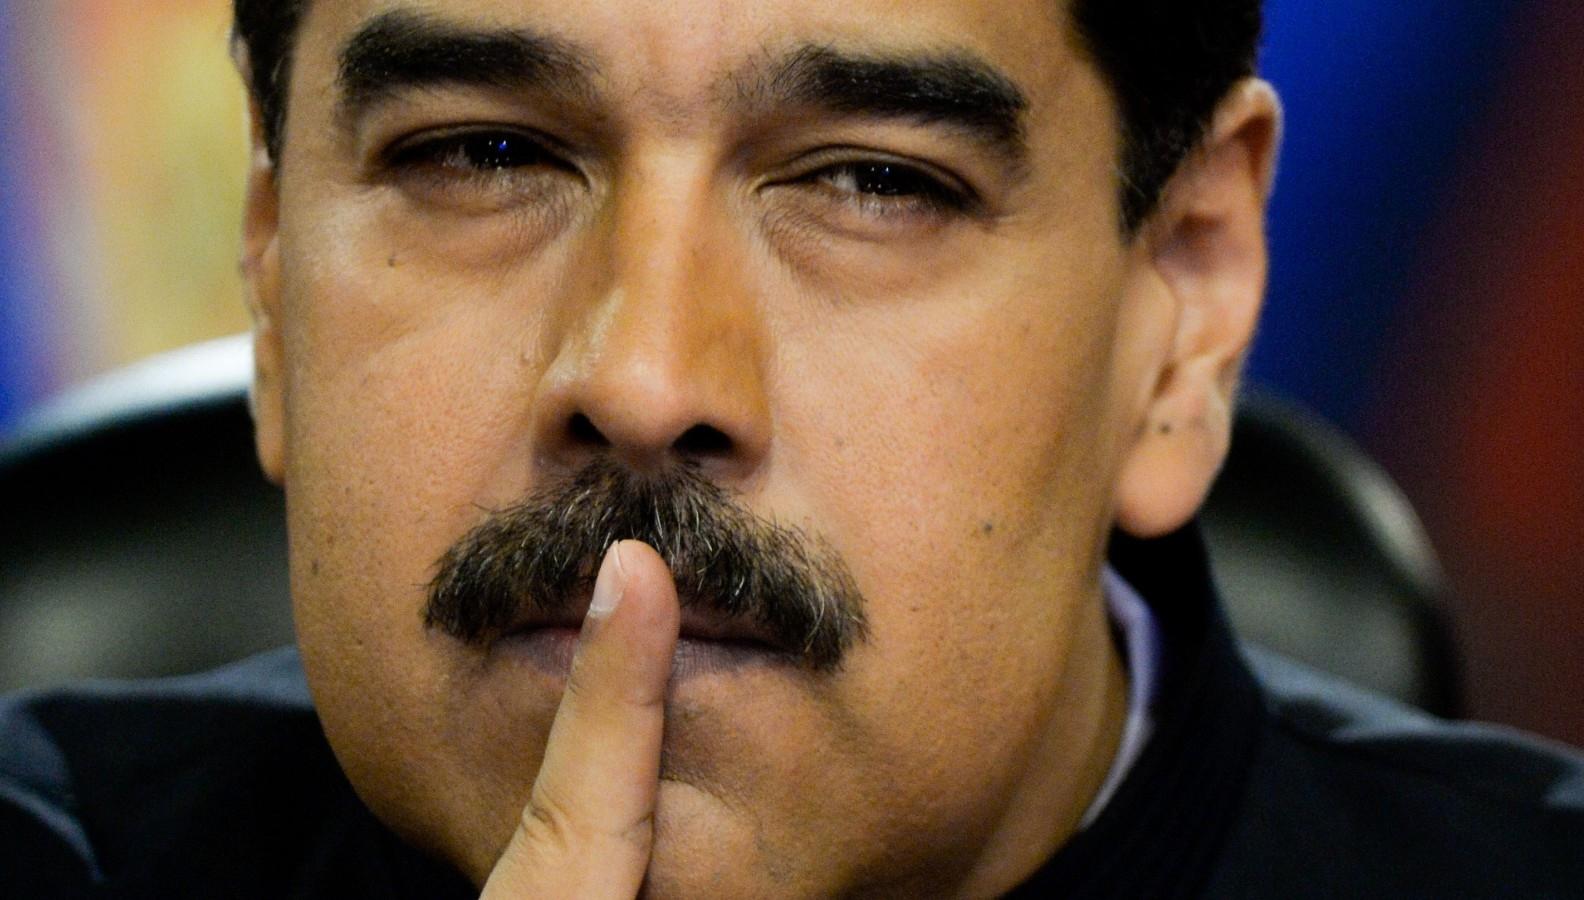 Ο Νικολάς Μαδούρο επιστρατεύει το στρατό του για να προστατέψει στρατηγικές υποδομές της Βενεζουέλας